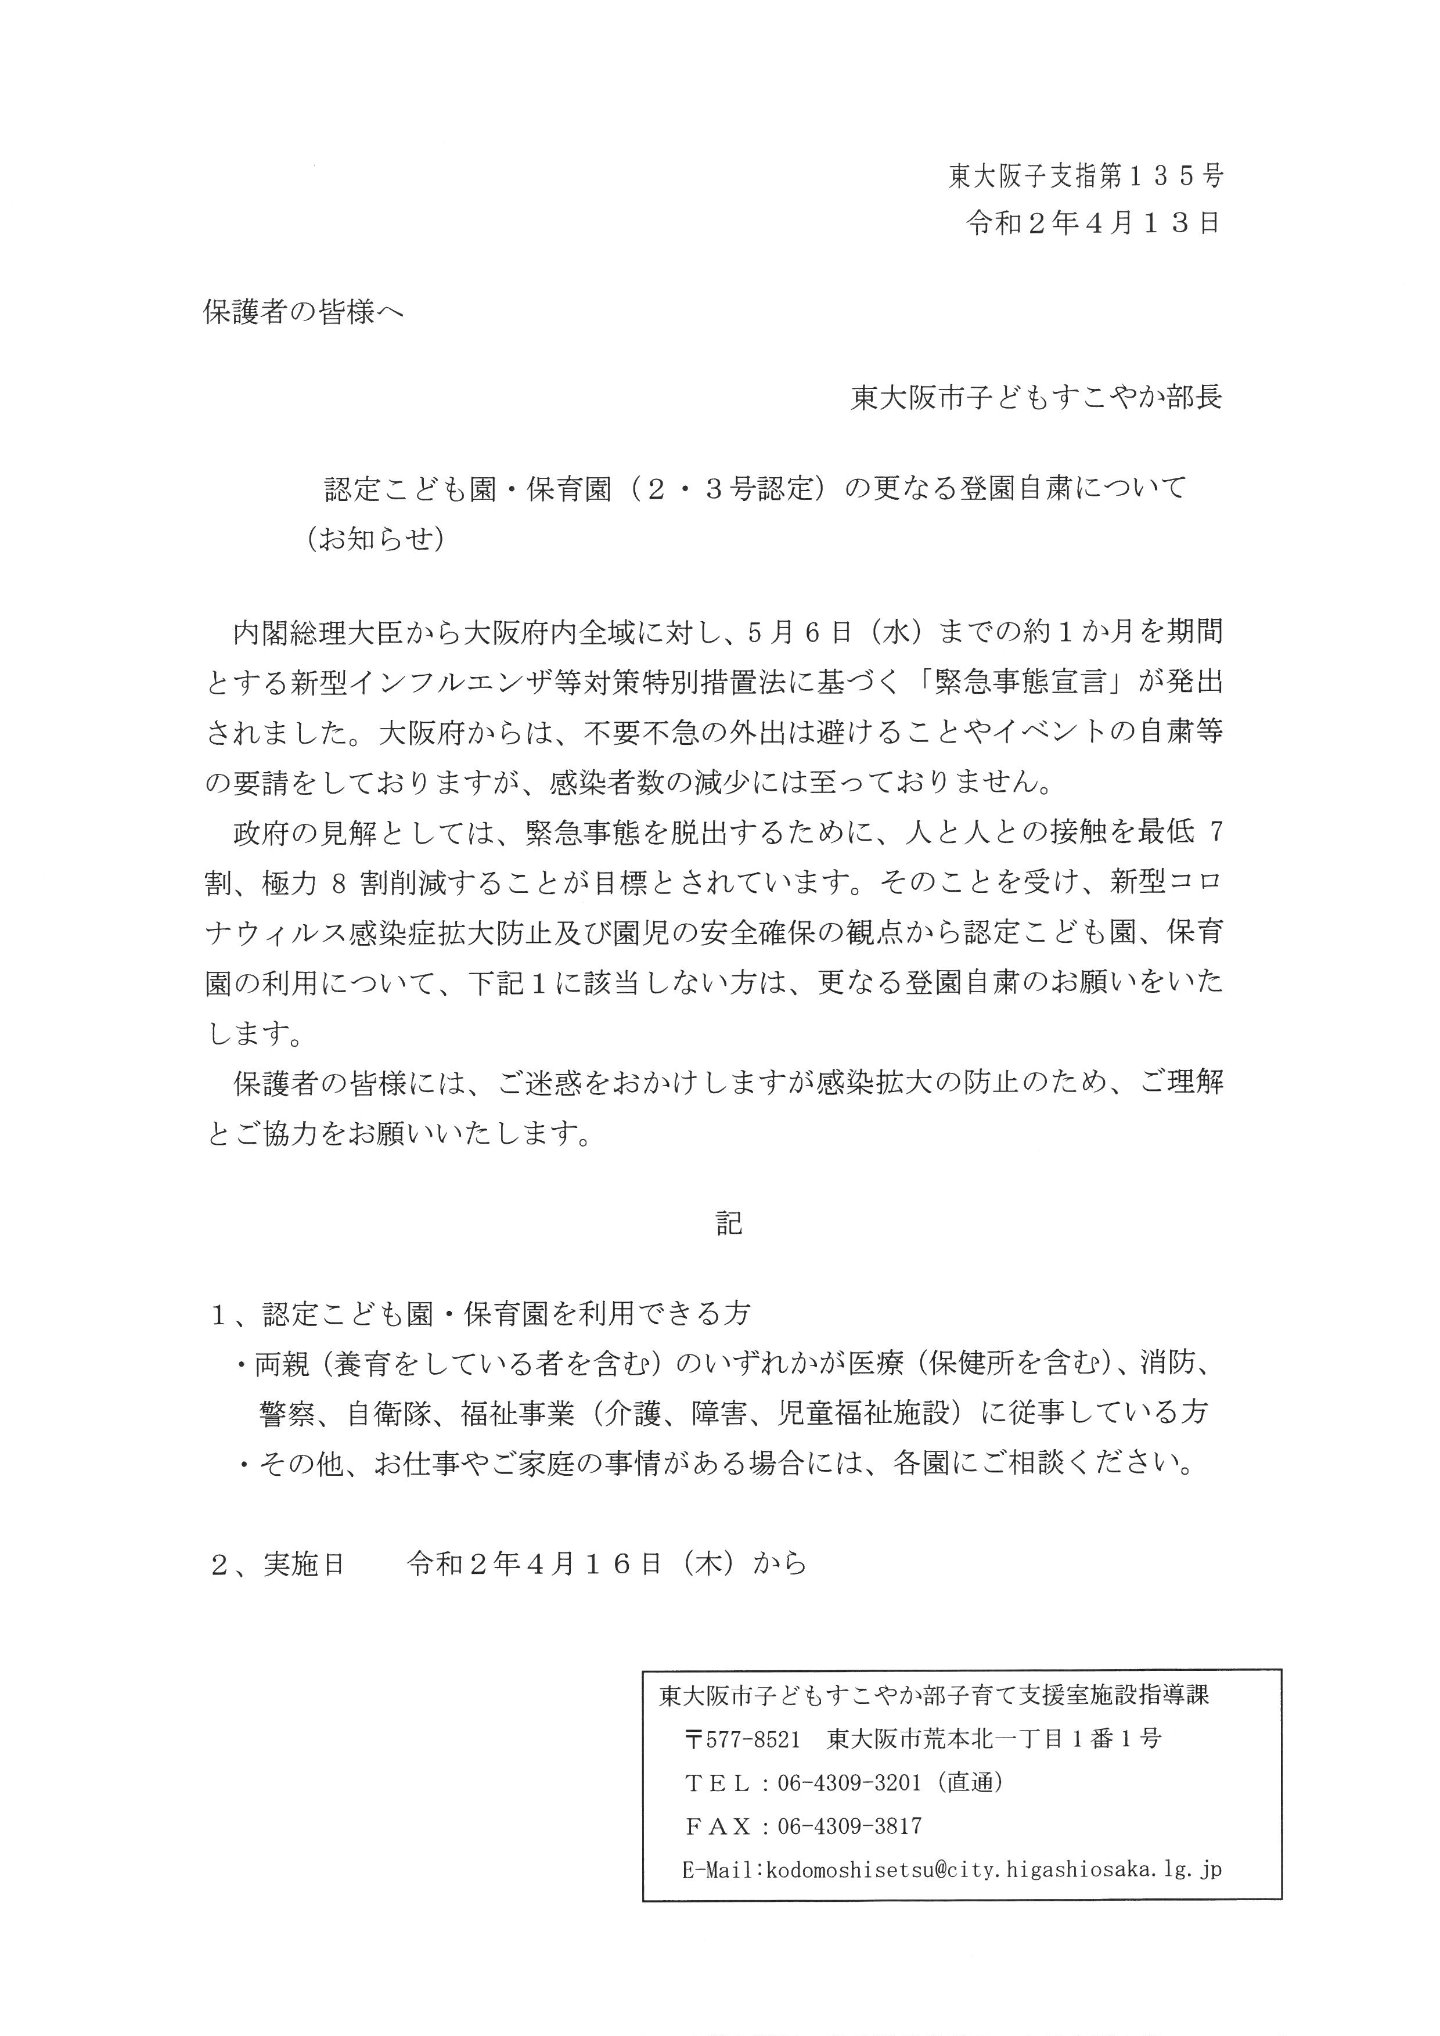 緊急 事態 解除 大阪